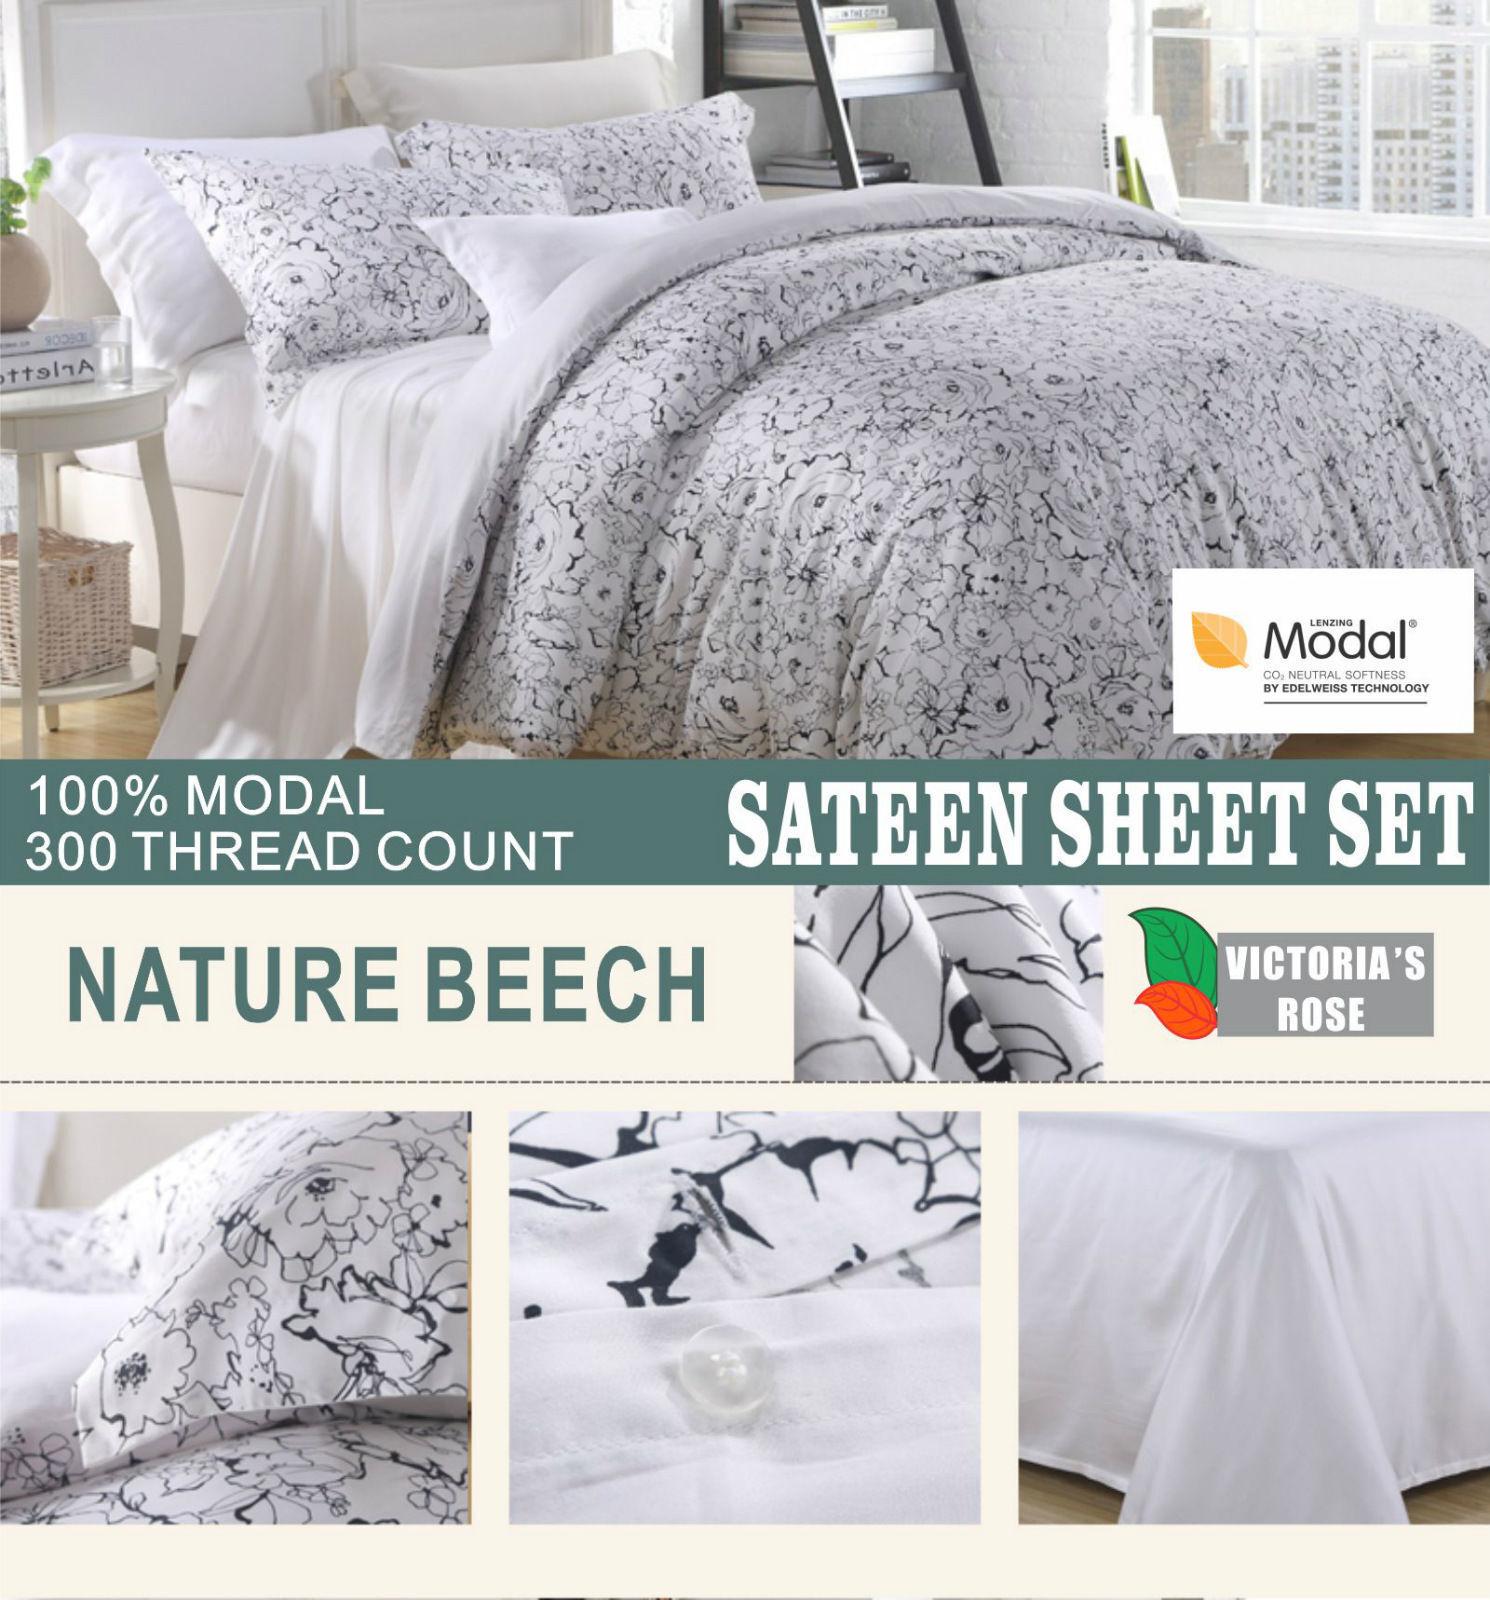 Best Quality 4pc Bed Sheet Set Premium Brand Nature Beech 100% Modal Sateen NEW